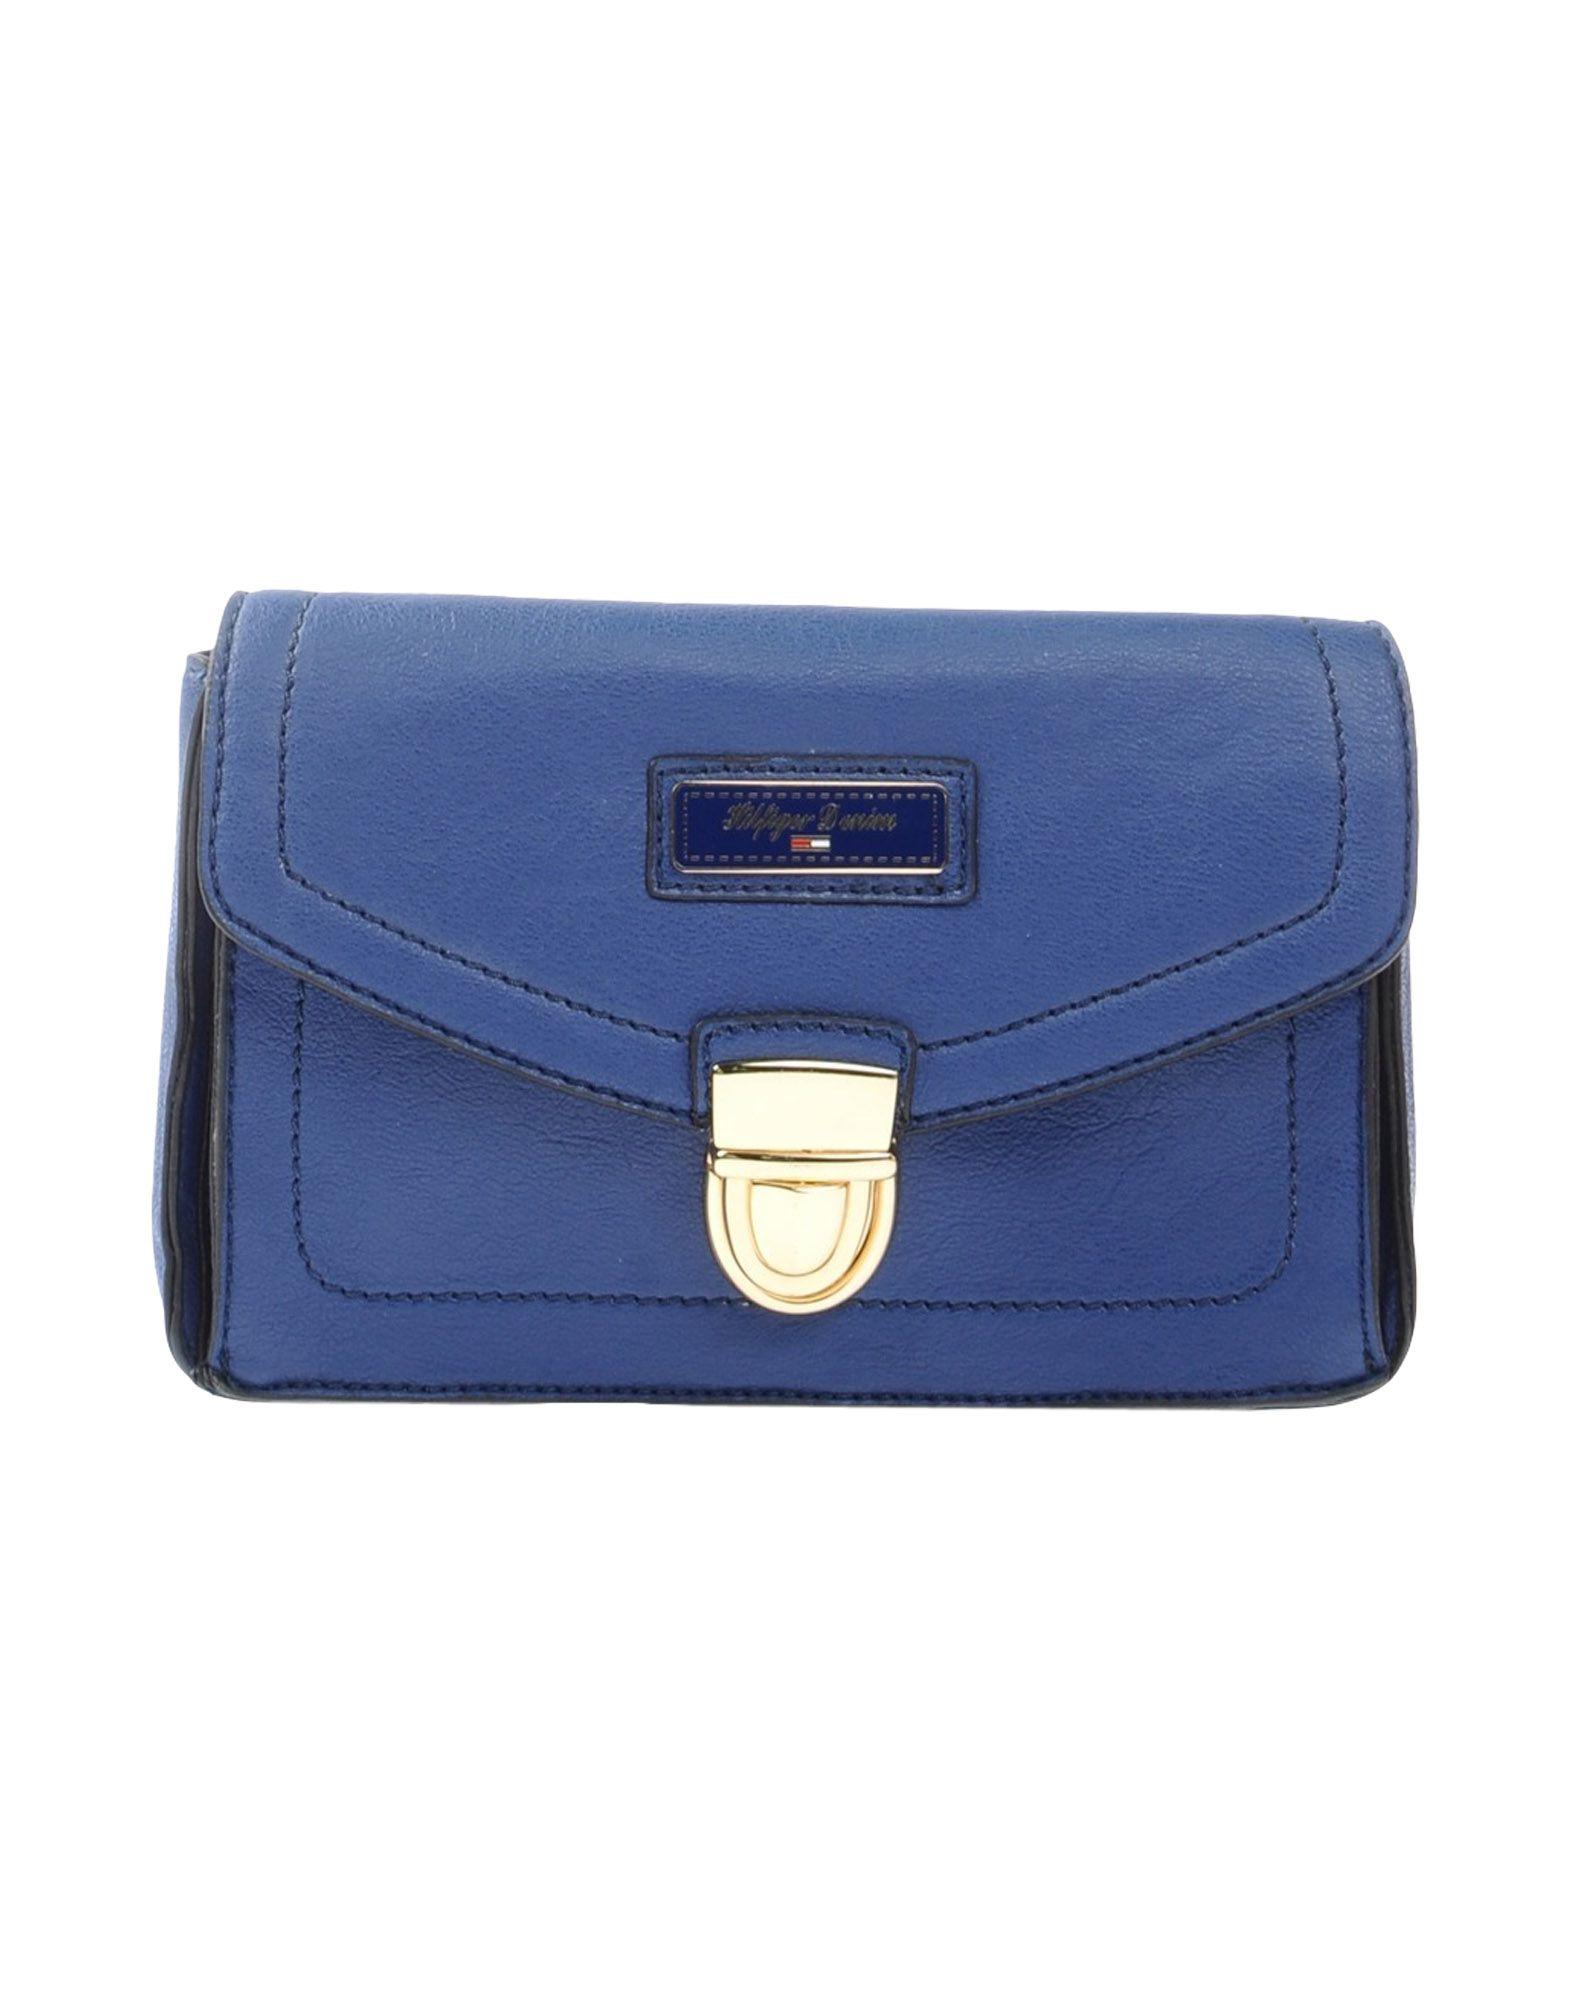 tommy hilfiger handbag in blue lyst. Black Bedroom Furniture Sets. Home Design Ideas